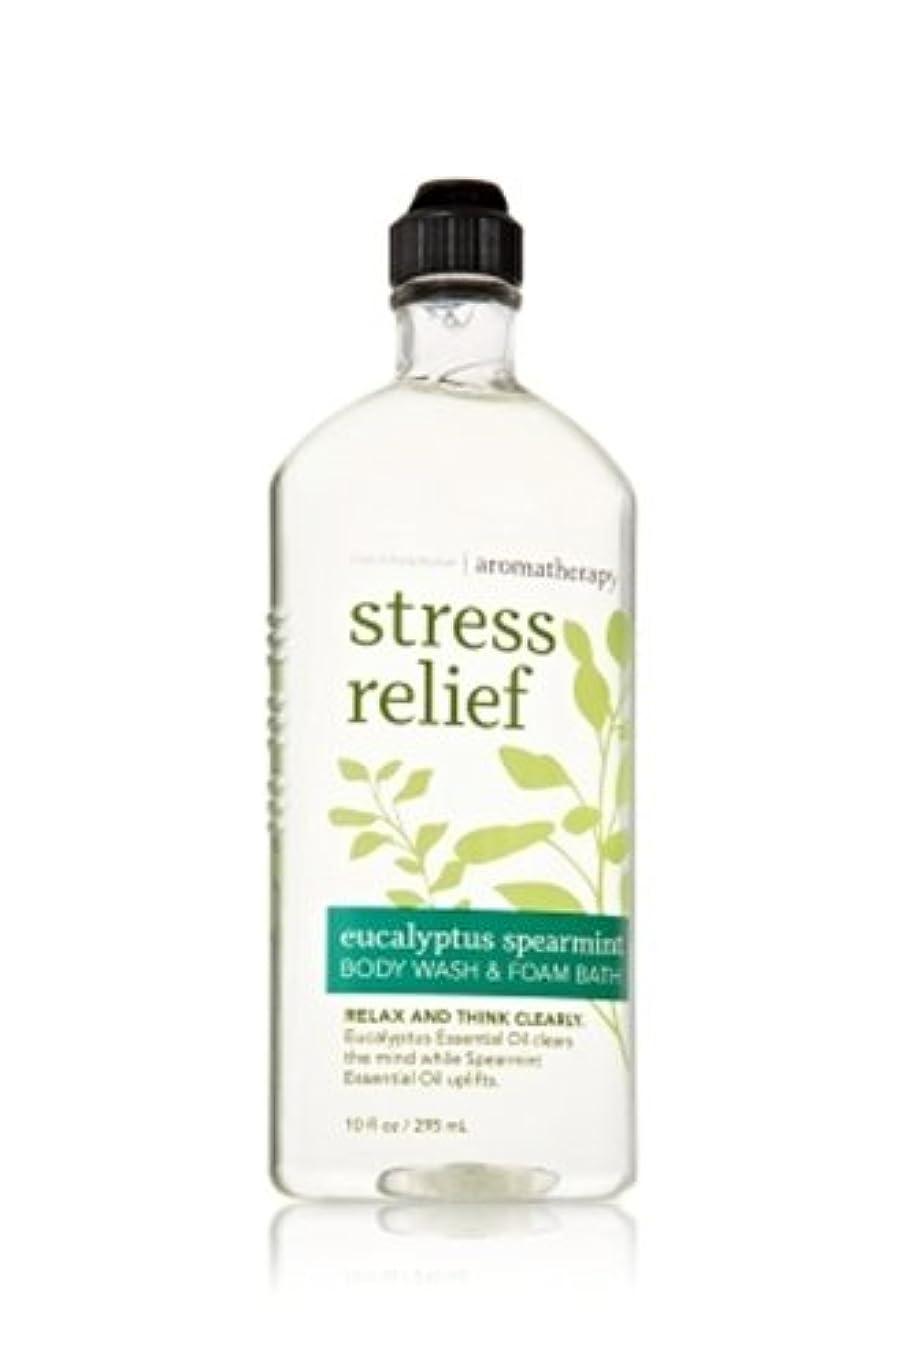 降臨眠いです小道【Bath&Body Works/バス&ボディワークス】 ボディウォッシュ&フォームバス アロマセラピー ストレスリリーフ ユーカリスペアミント Body Wash & Foam Bath Aromatherapy Stress...